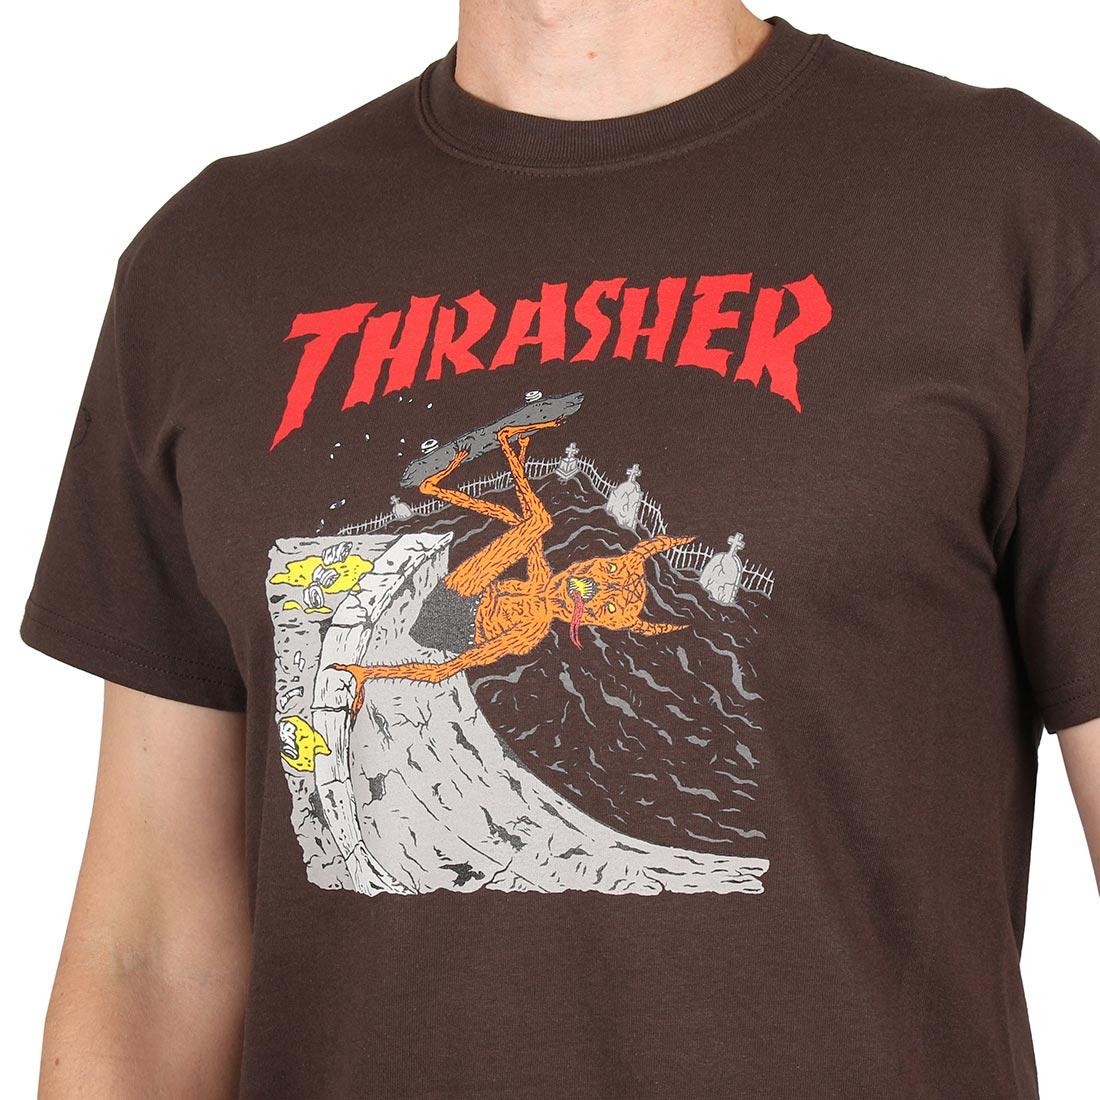 c0a1a8baa06c Thrasher Neckface Invert S/S T-Shirt - Brown